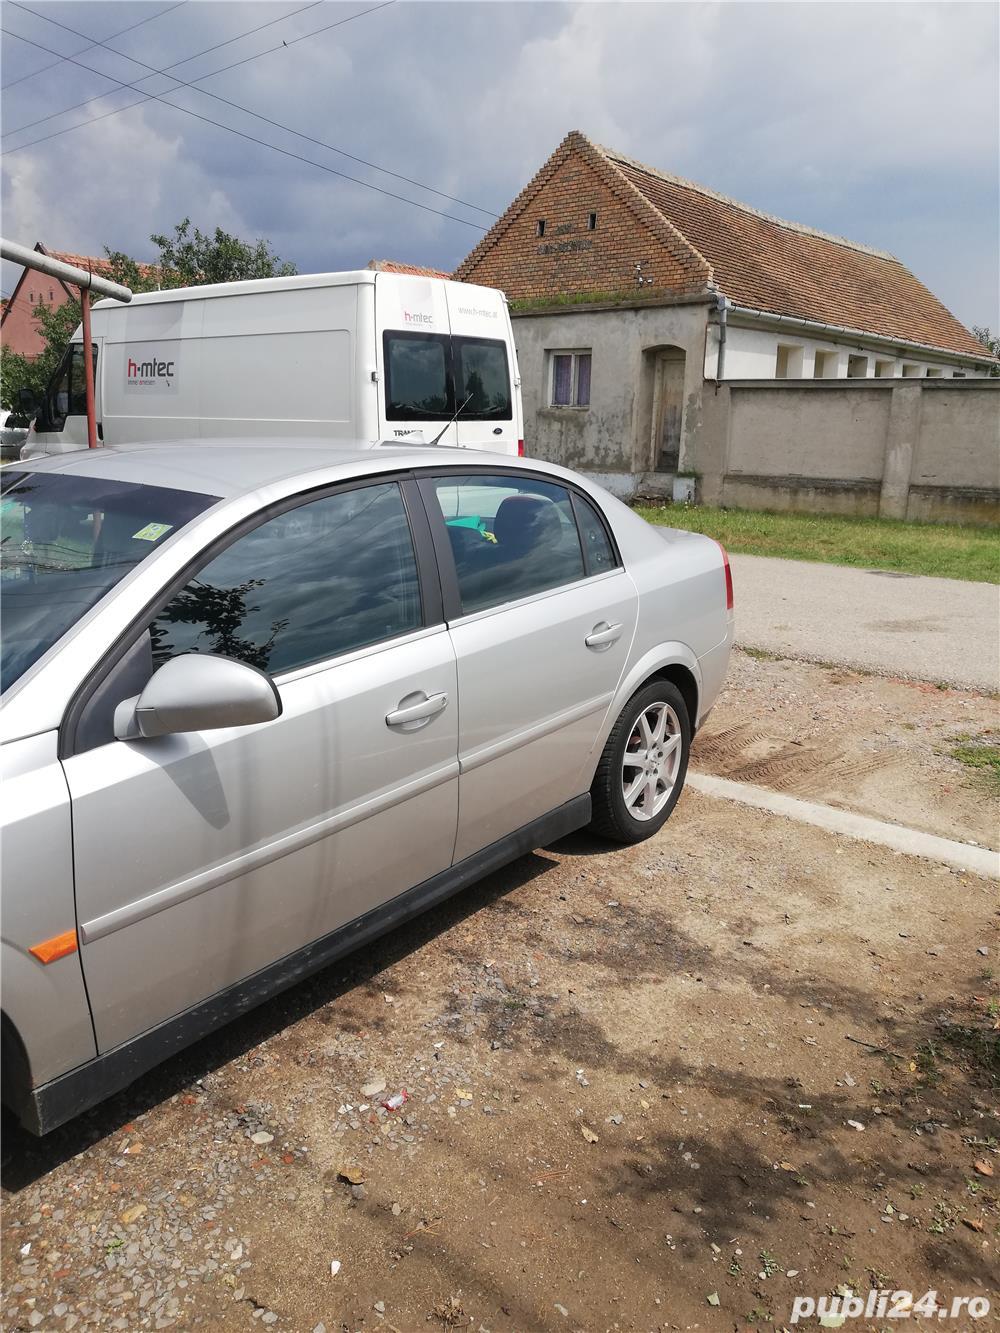 Vând sau schimb cu auto înmatriculat Opel Vectra